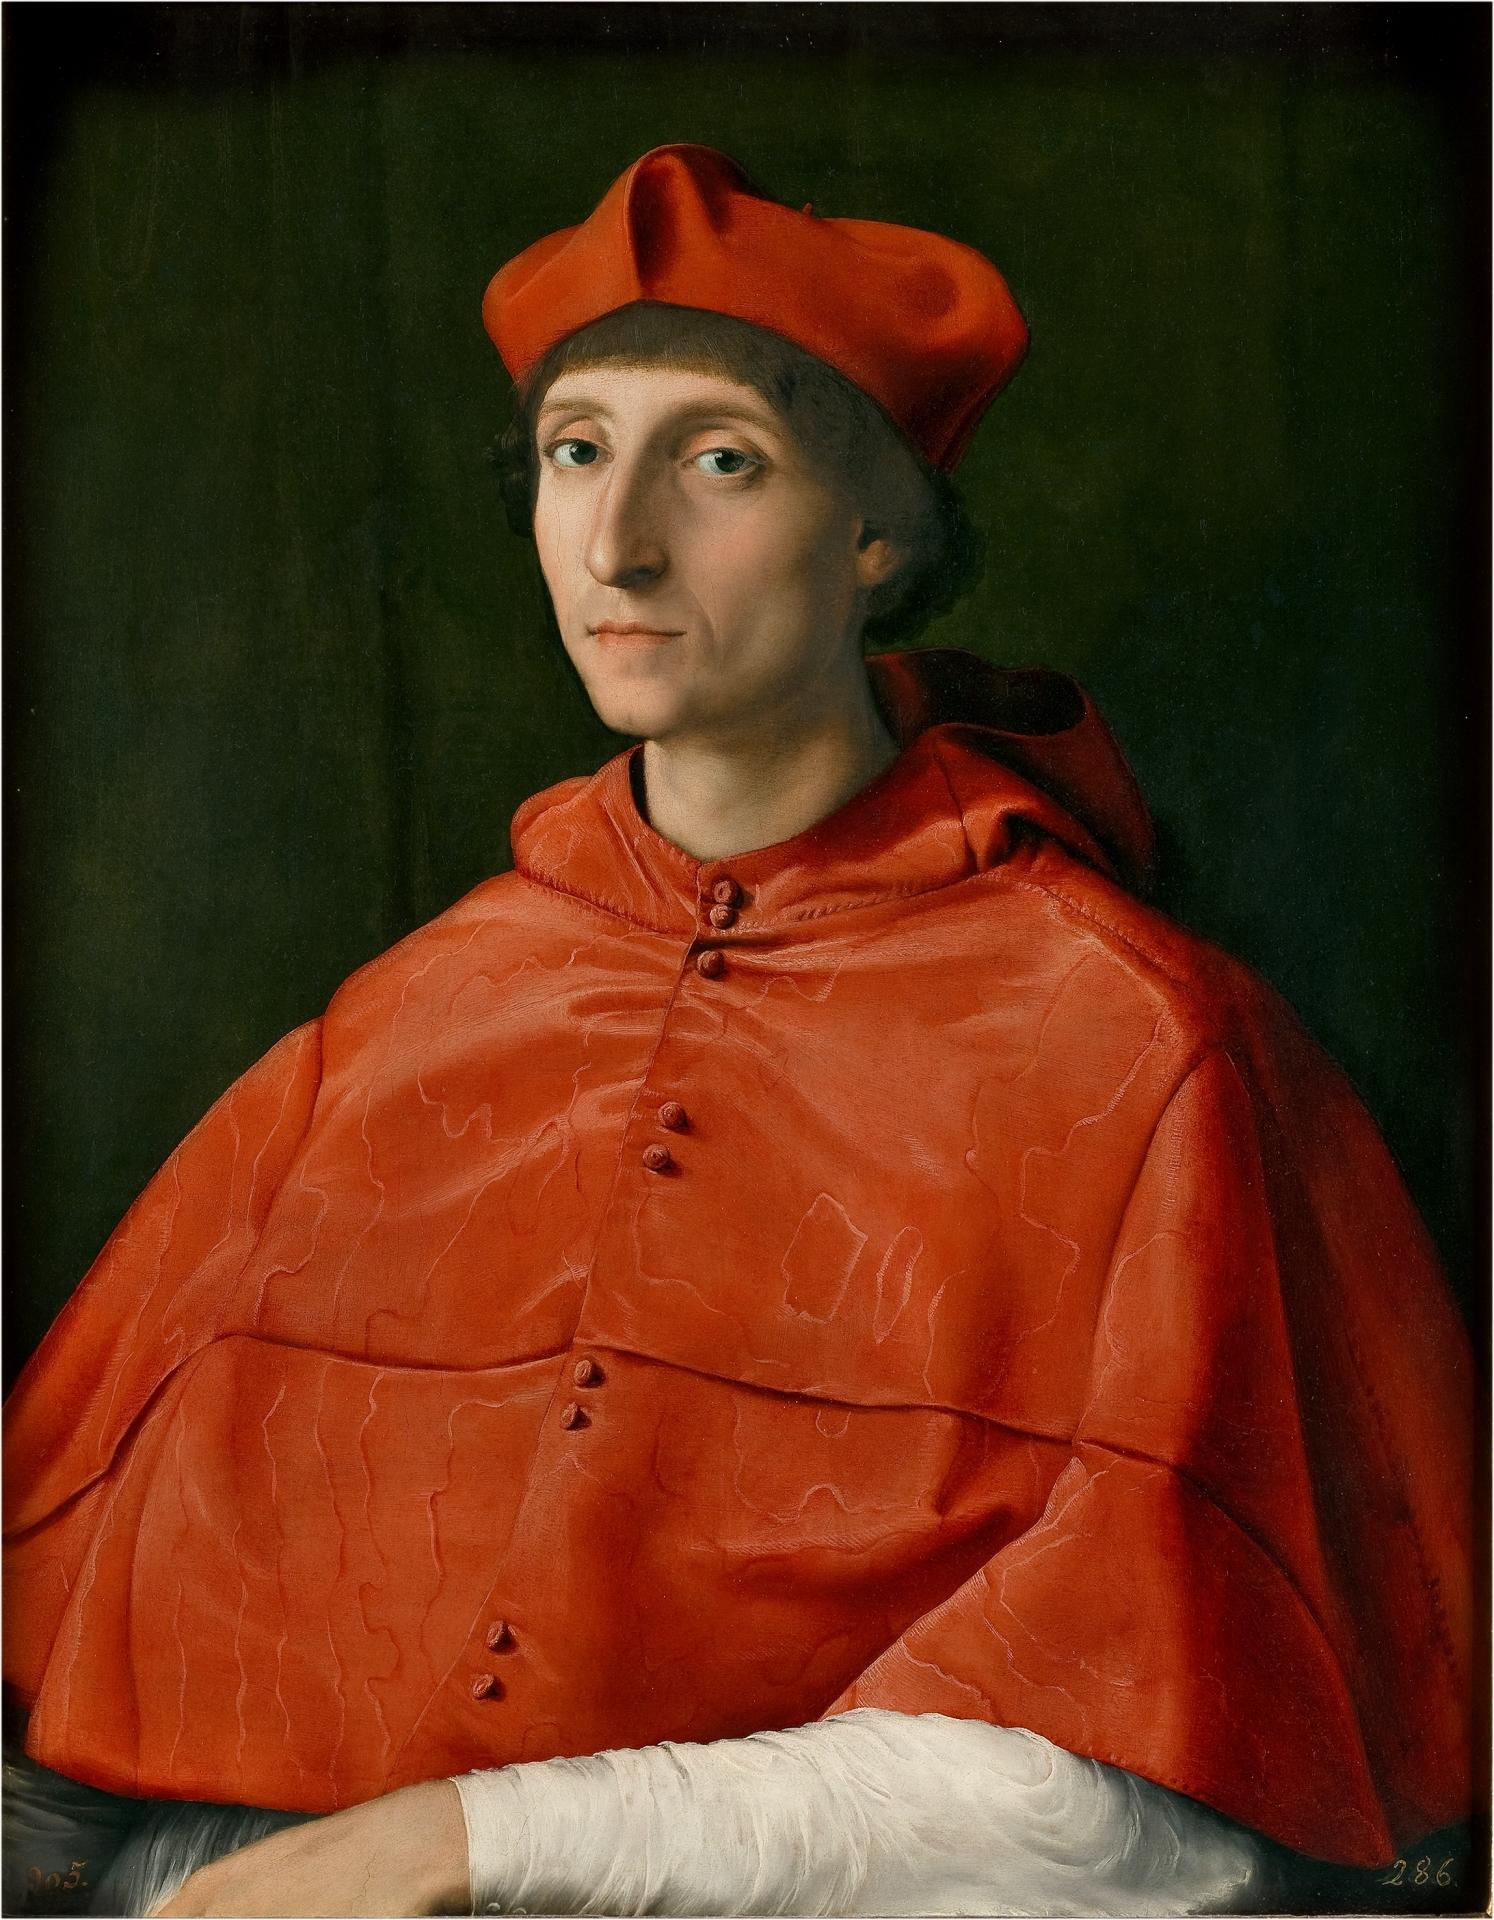 The Cardinal - The Collection - Museo Nacional del Prado a461e32e8b27